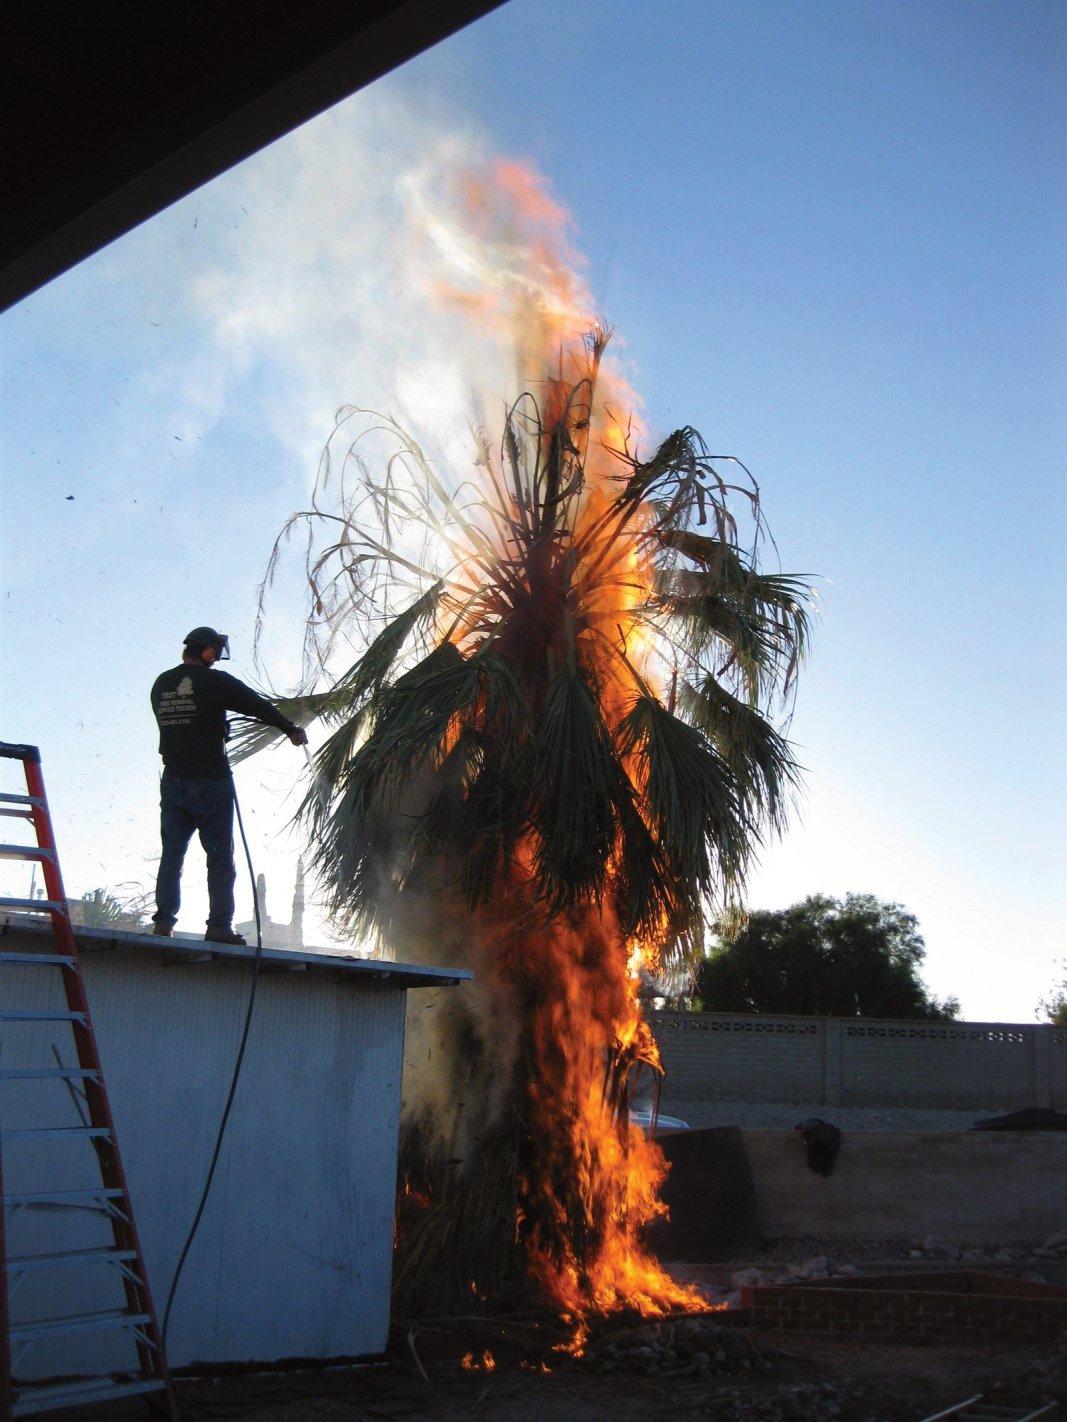 Fire in Tucson, AZ!